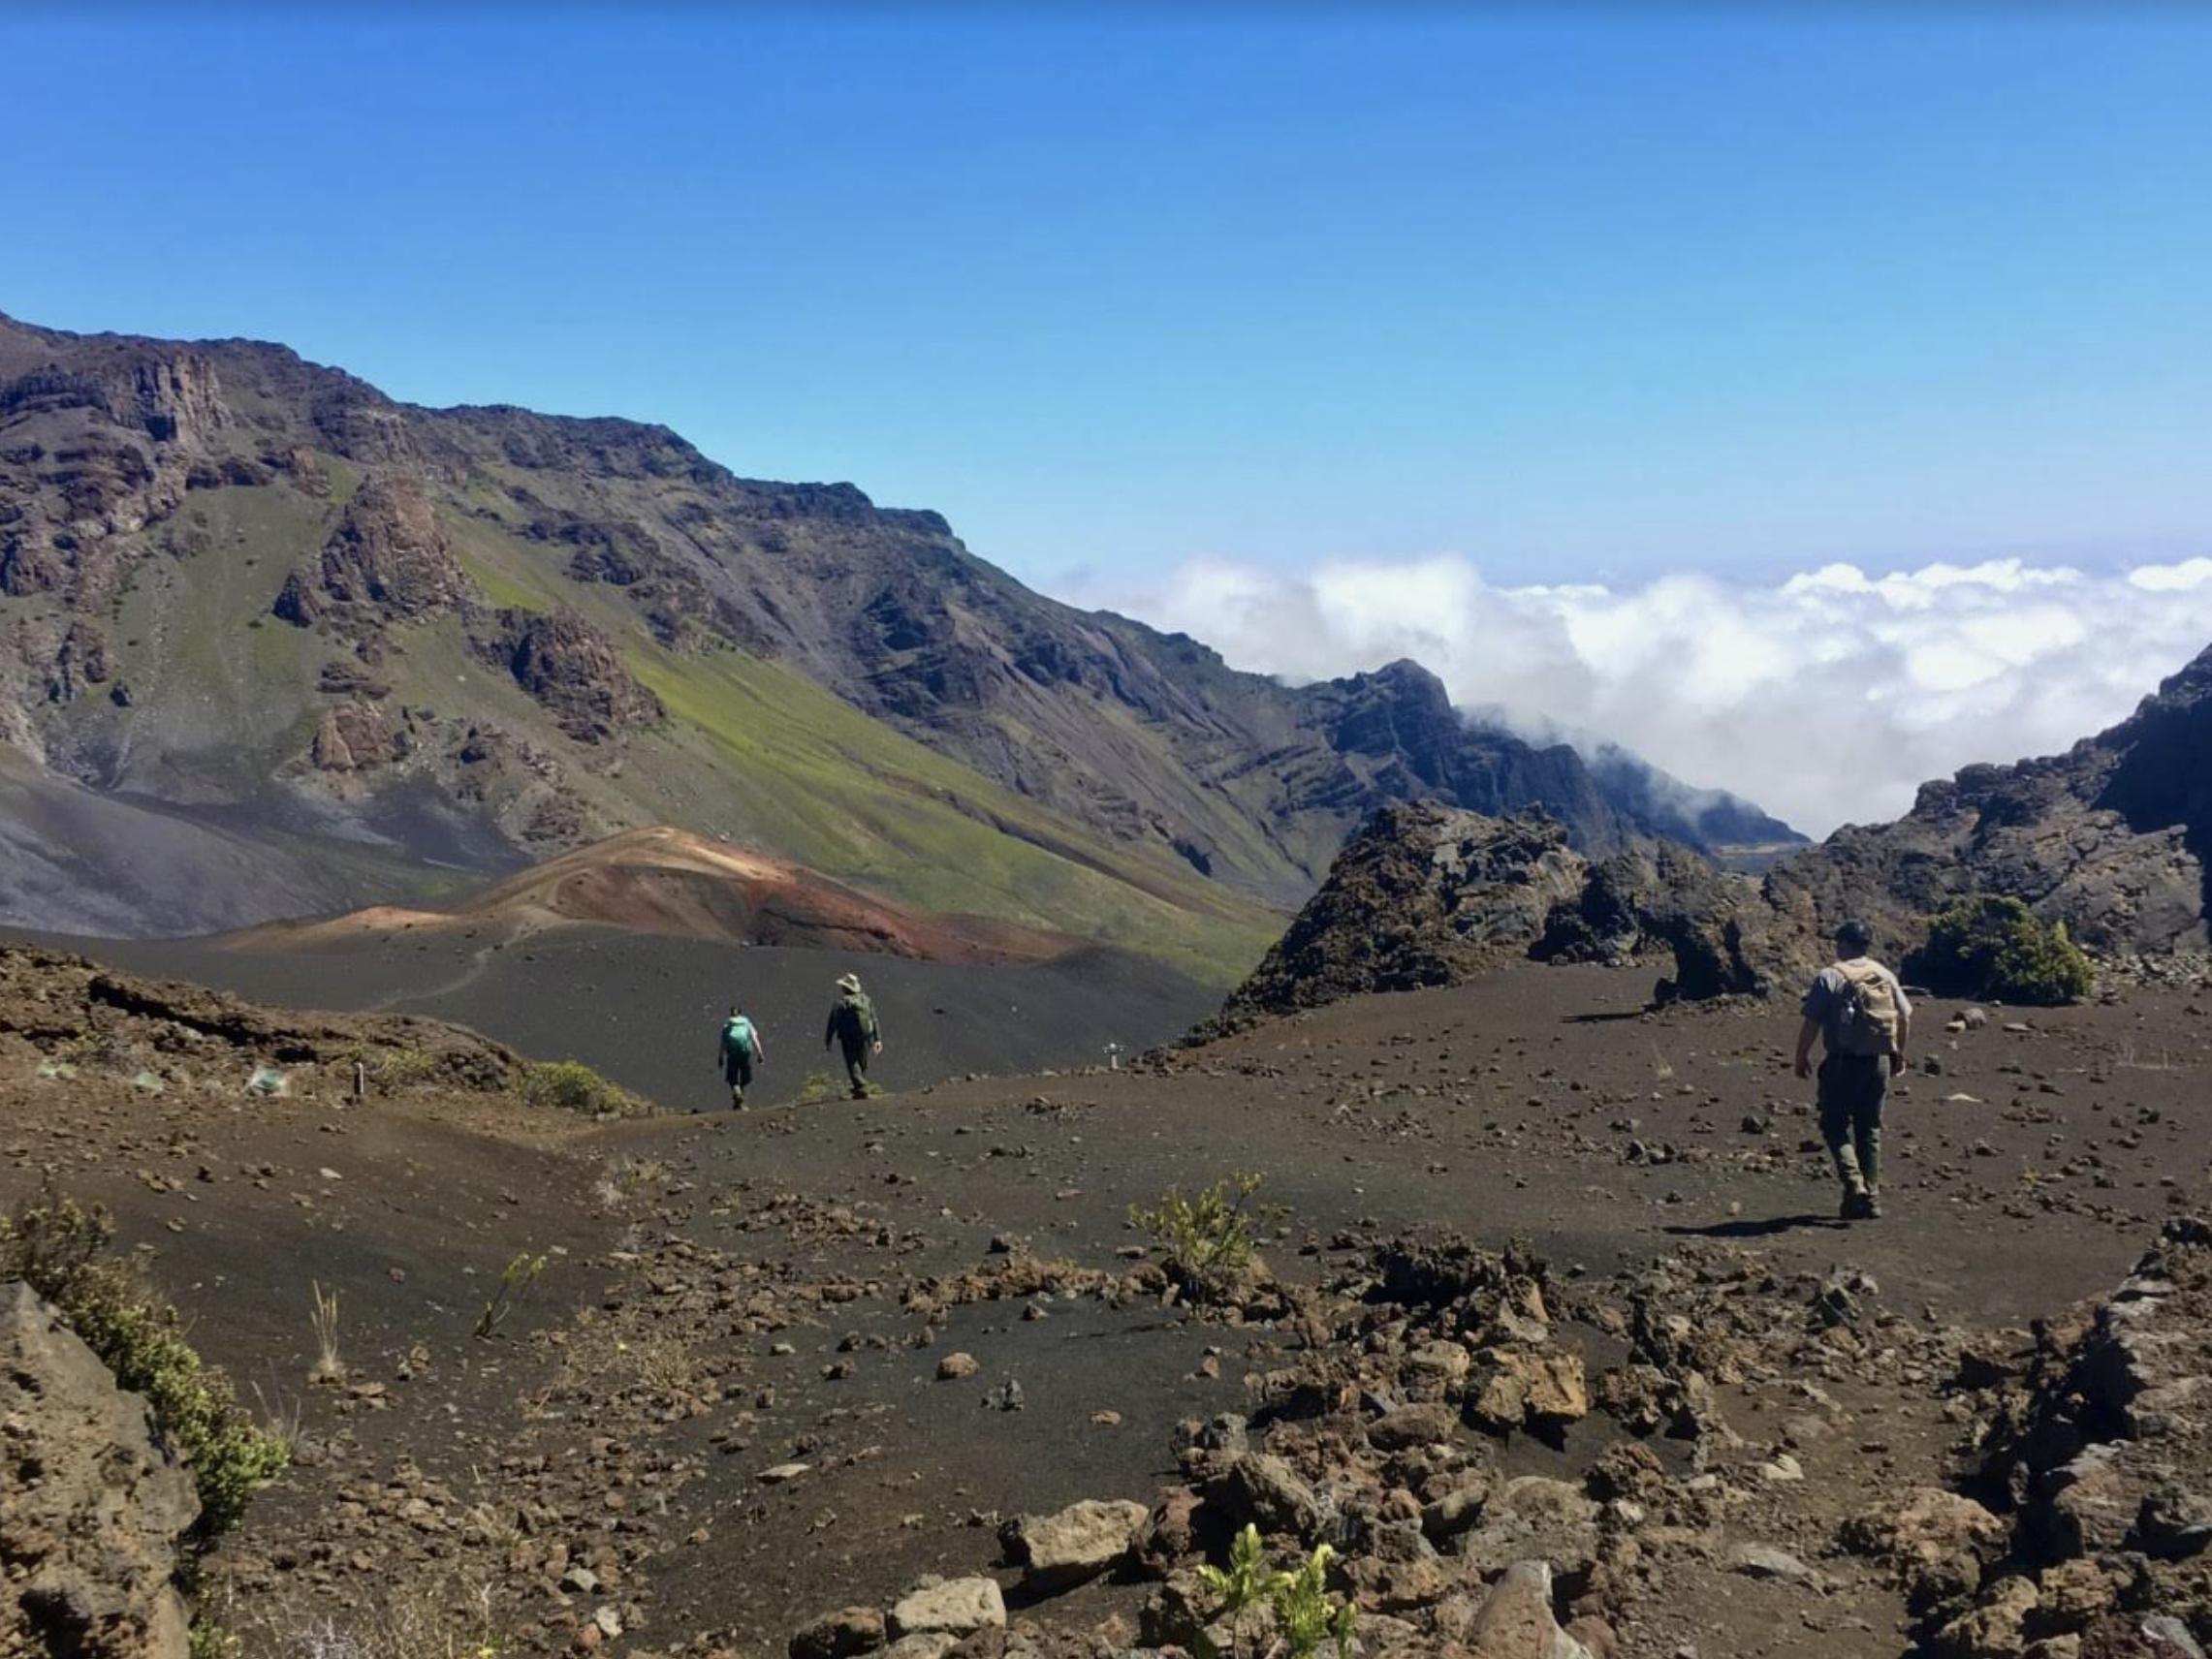 Haleakalā Hosts 319,147 Visitors in 2020, Down 68%